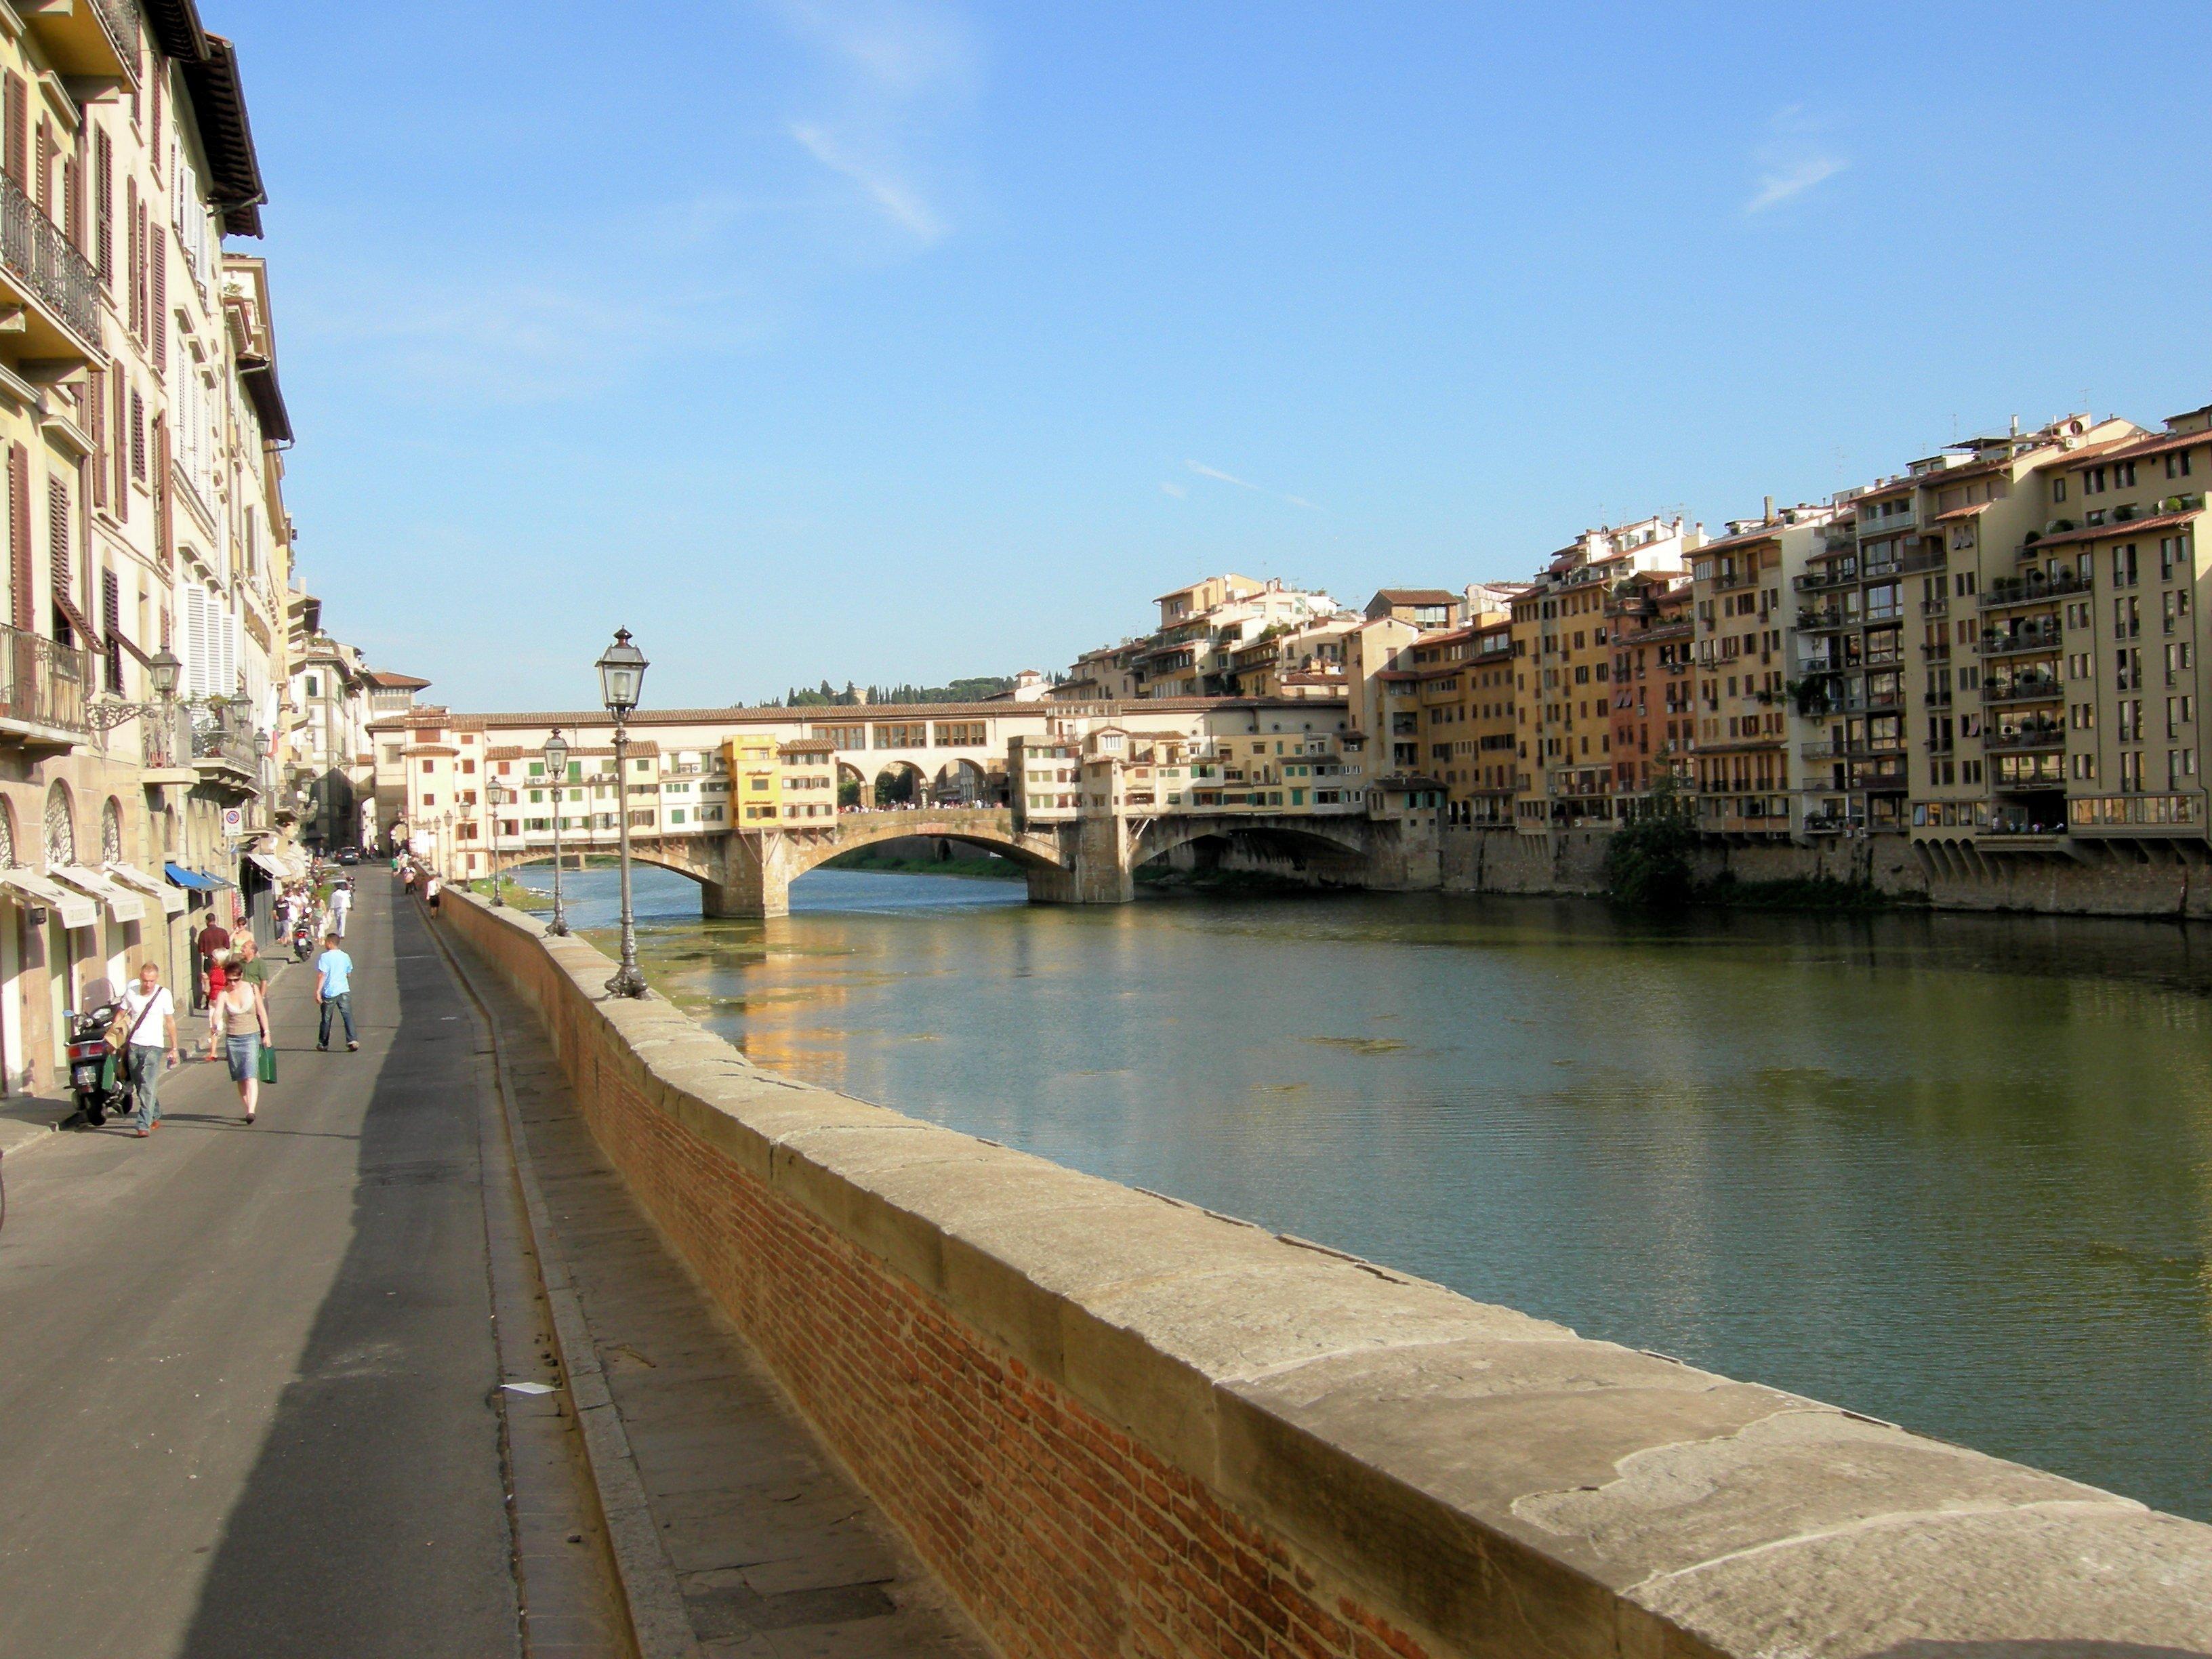 Vecchio bridge in florence, italy photo